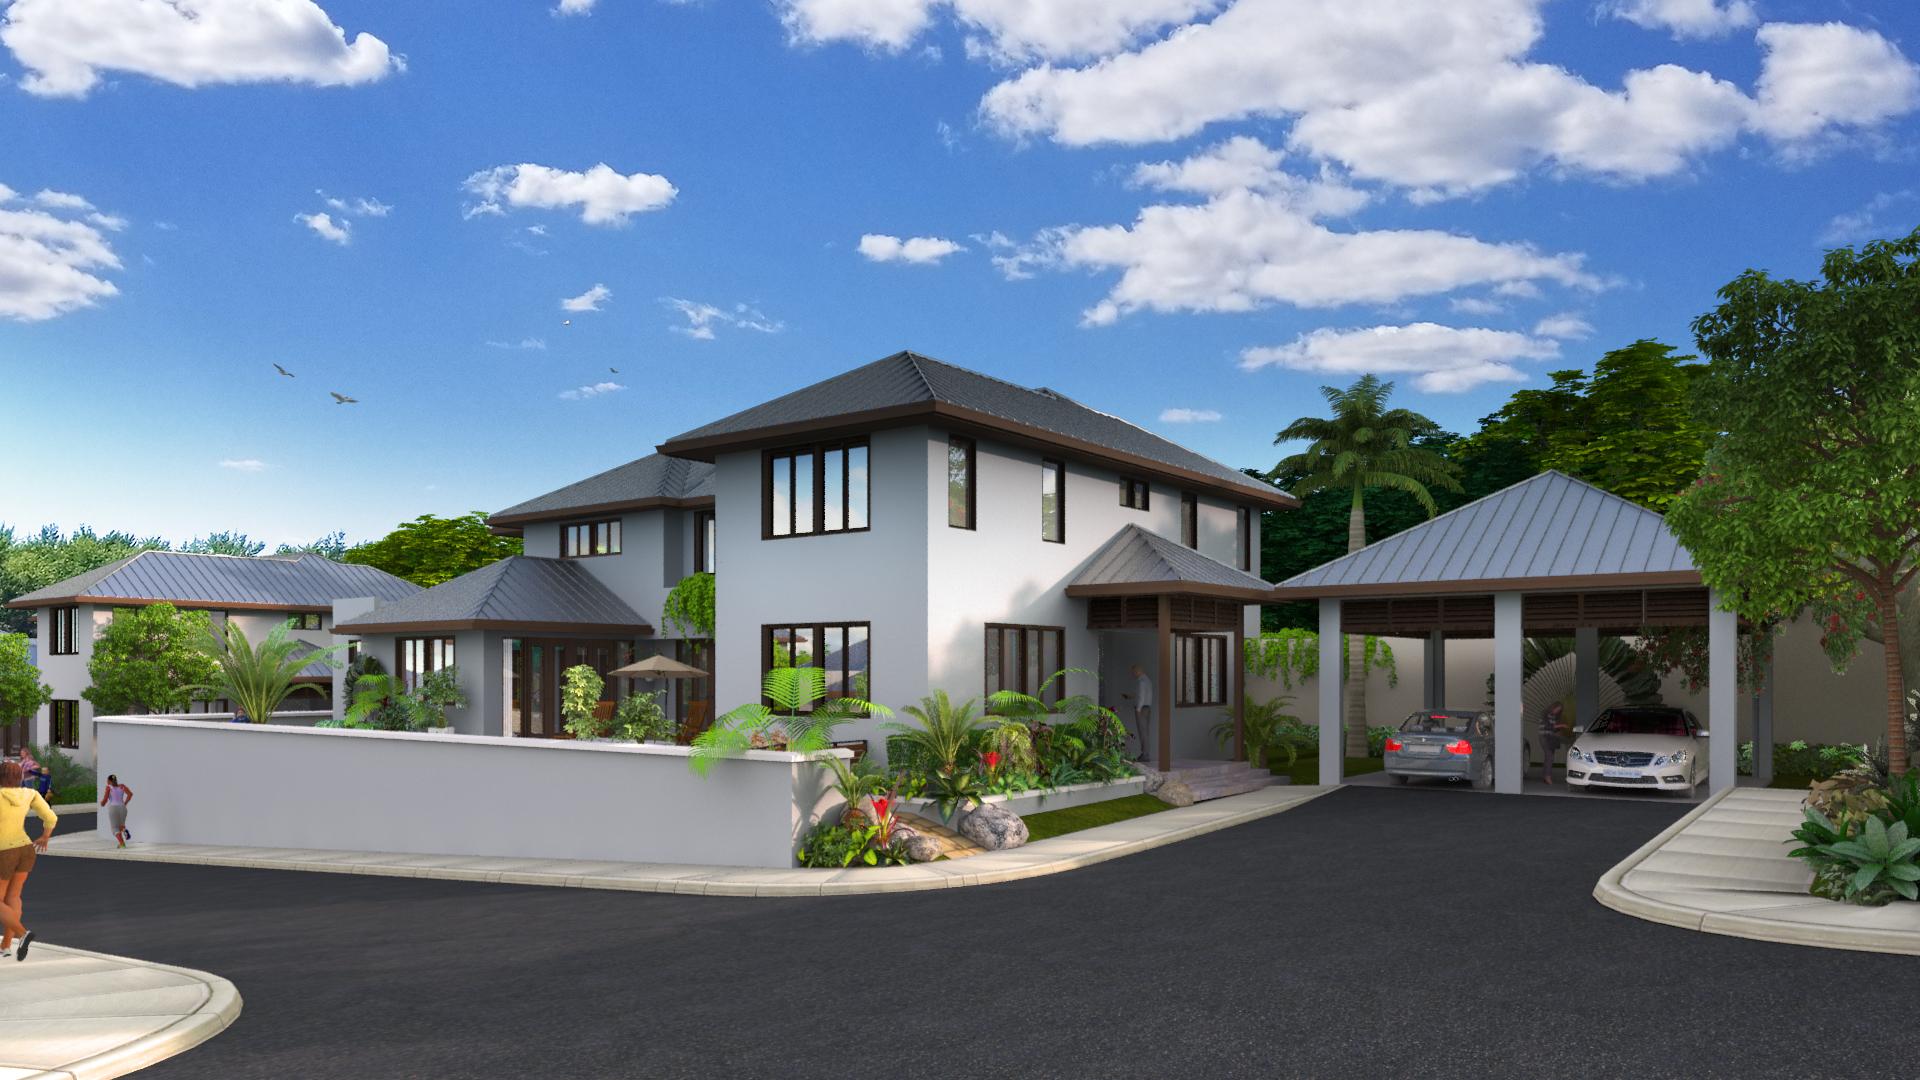 /images/property/db92286538f461df7a8f2c152bfa23a3879896192.jpg